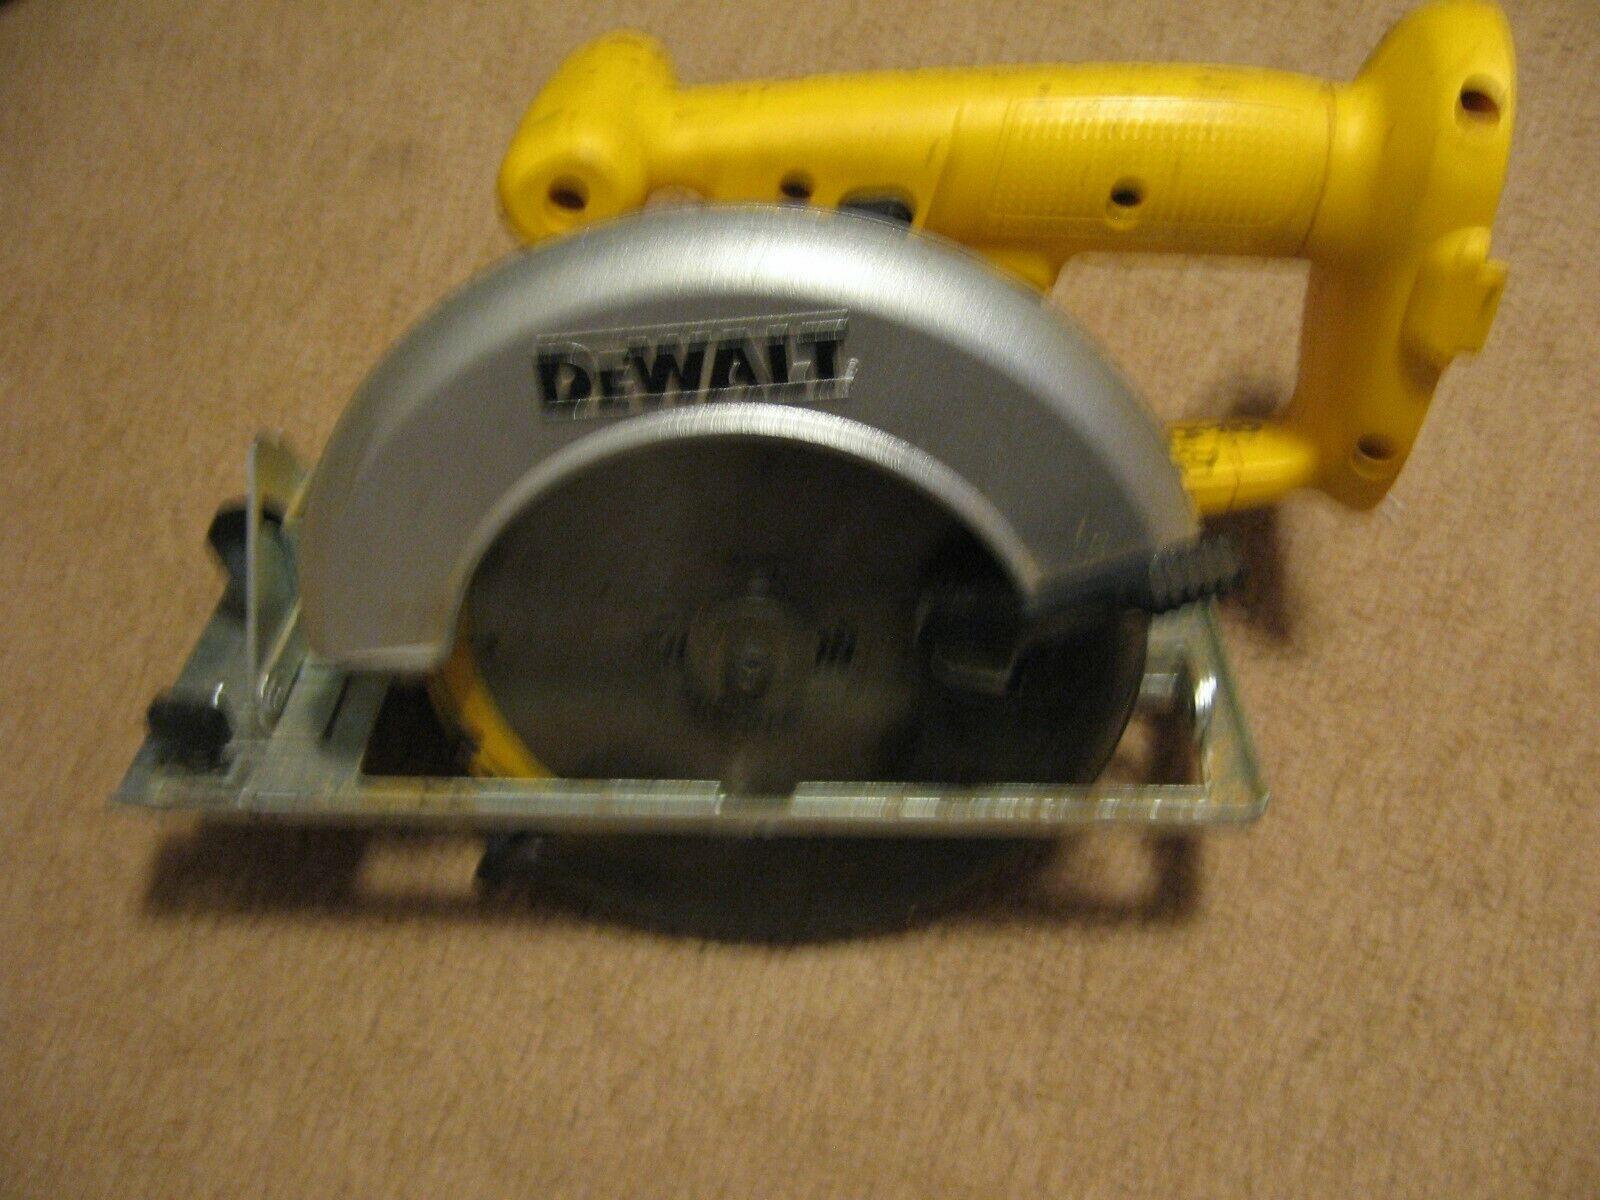 18V Dewalt Circular Saw DW939 Used